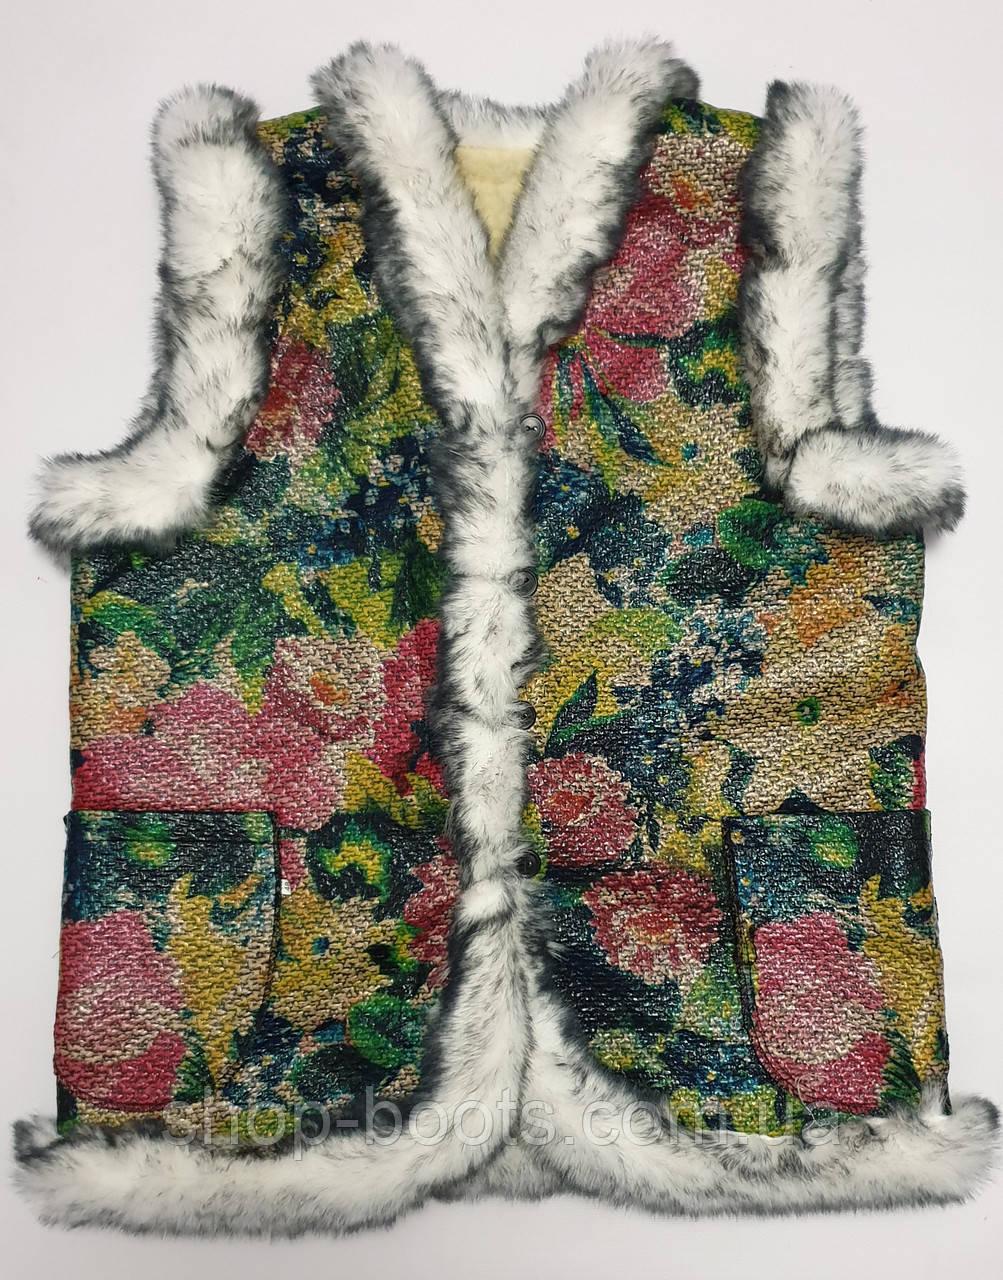 Жилетки оптом на искусственном мехе. Размеры 48-62. Модель жилетка цветы кролик